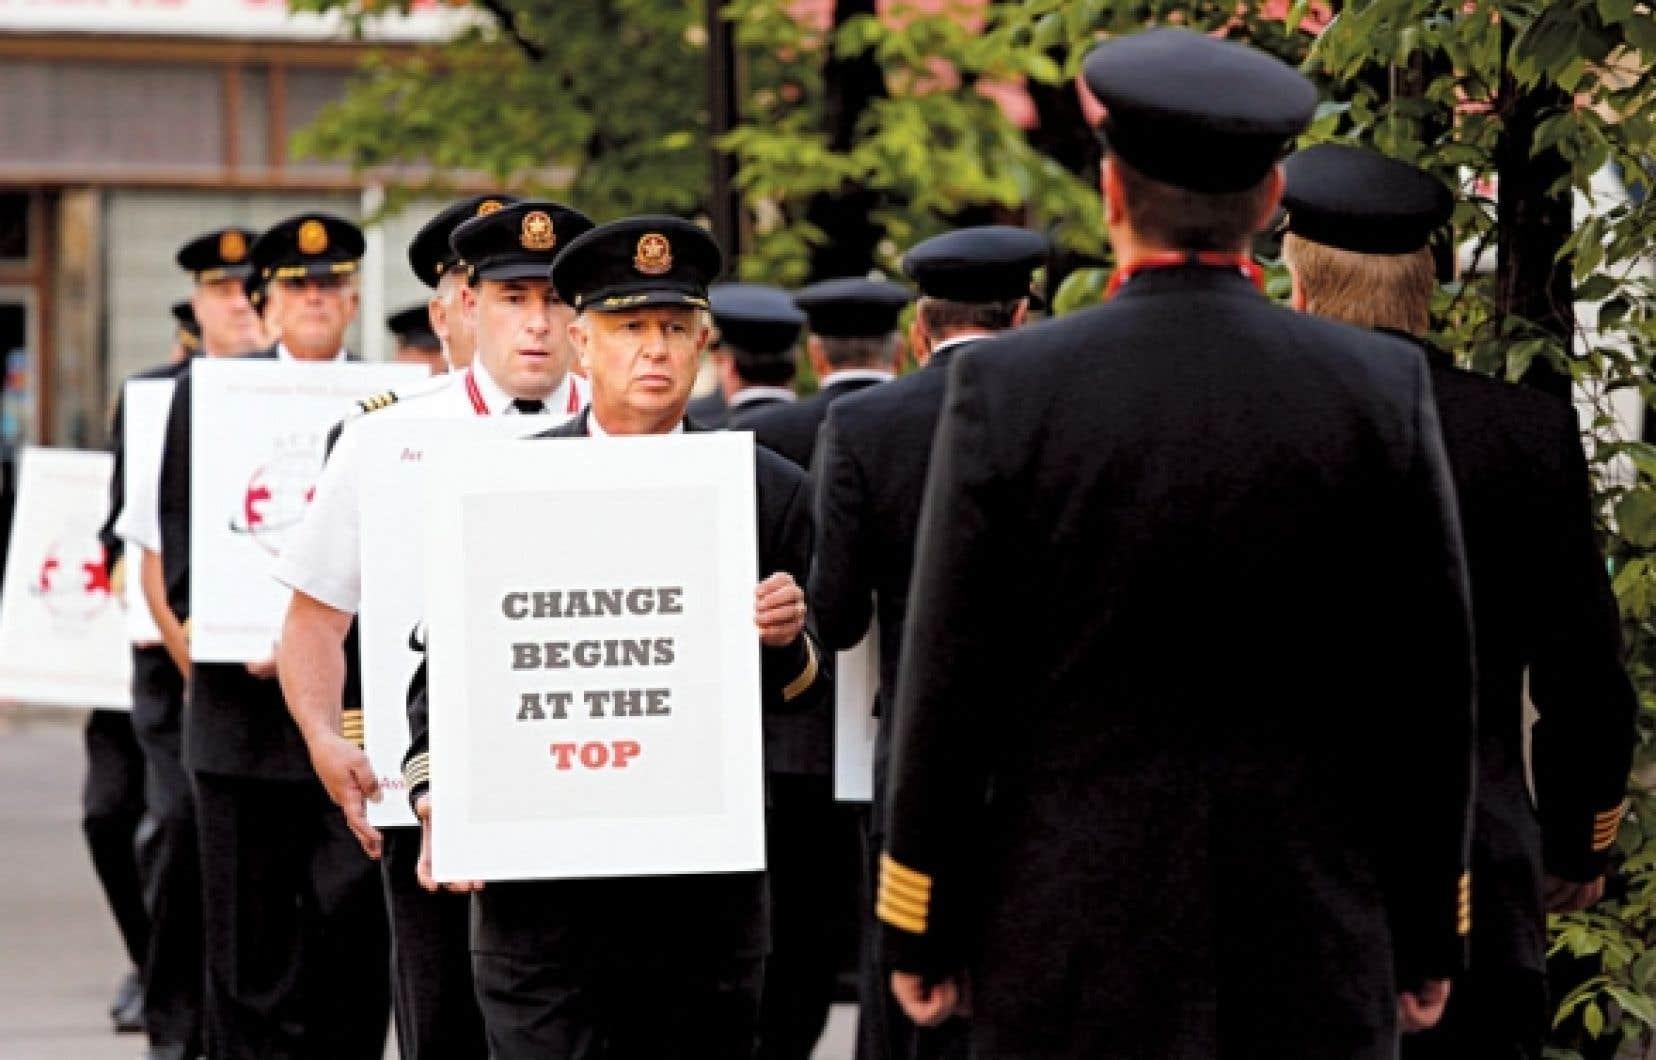 Des pilotes d'Air Canada, qui négocient le renouvellement de leur convention collective, ont manifesté devant un hôtel de Calgary où se réunissaient les actionnaires du transporteur aérien.